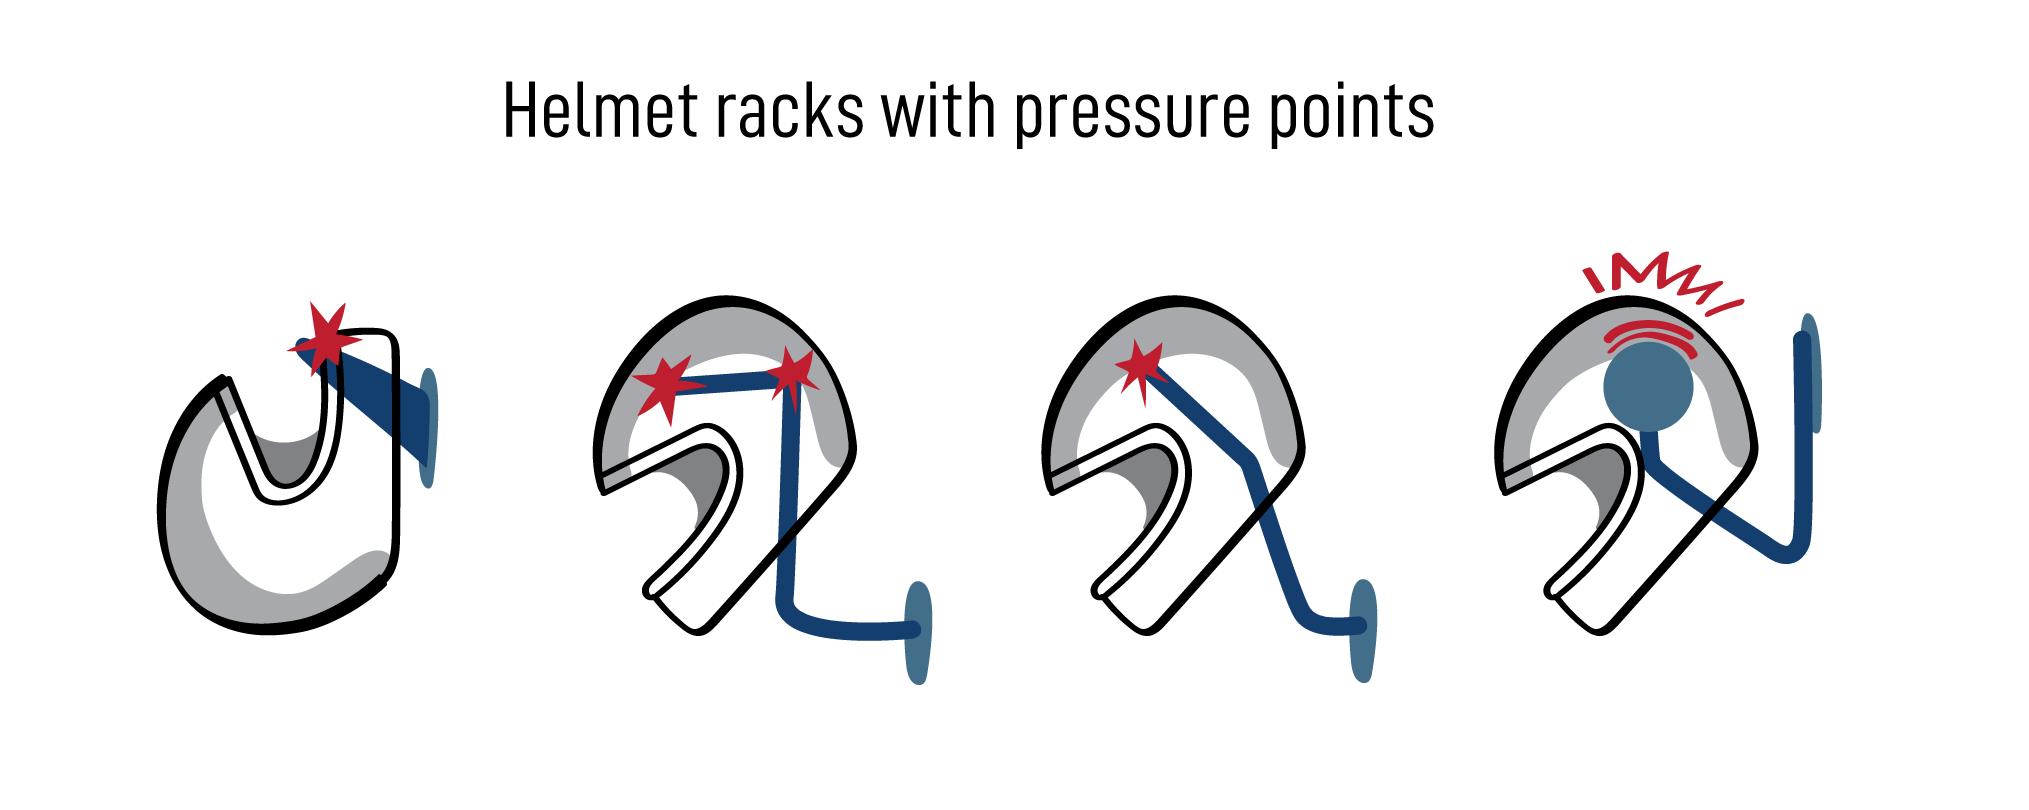 helmet racks with pressure points